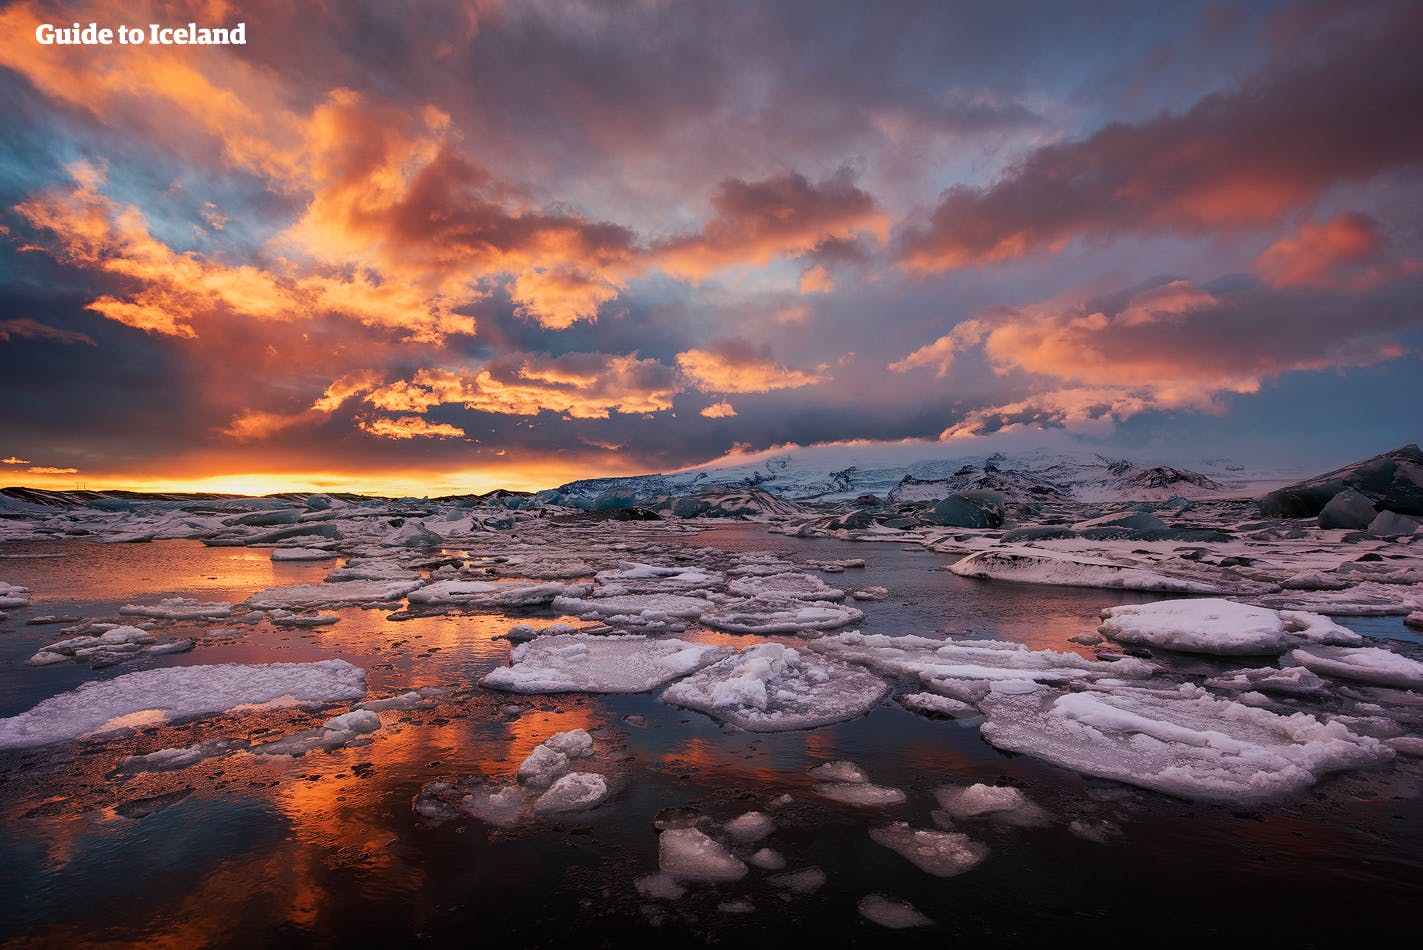 午夜阳光下的杰古沙龙冰河湖无比美丽。